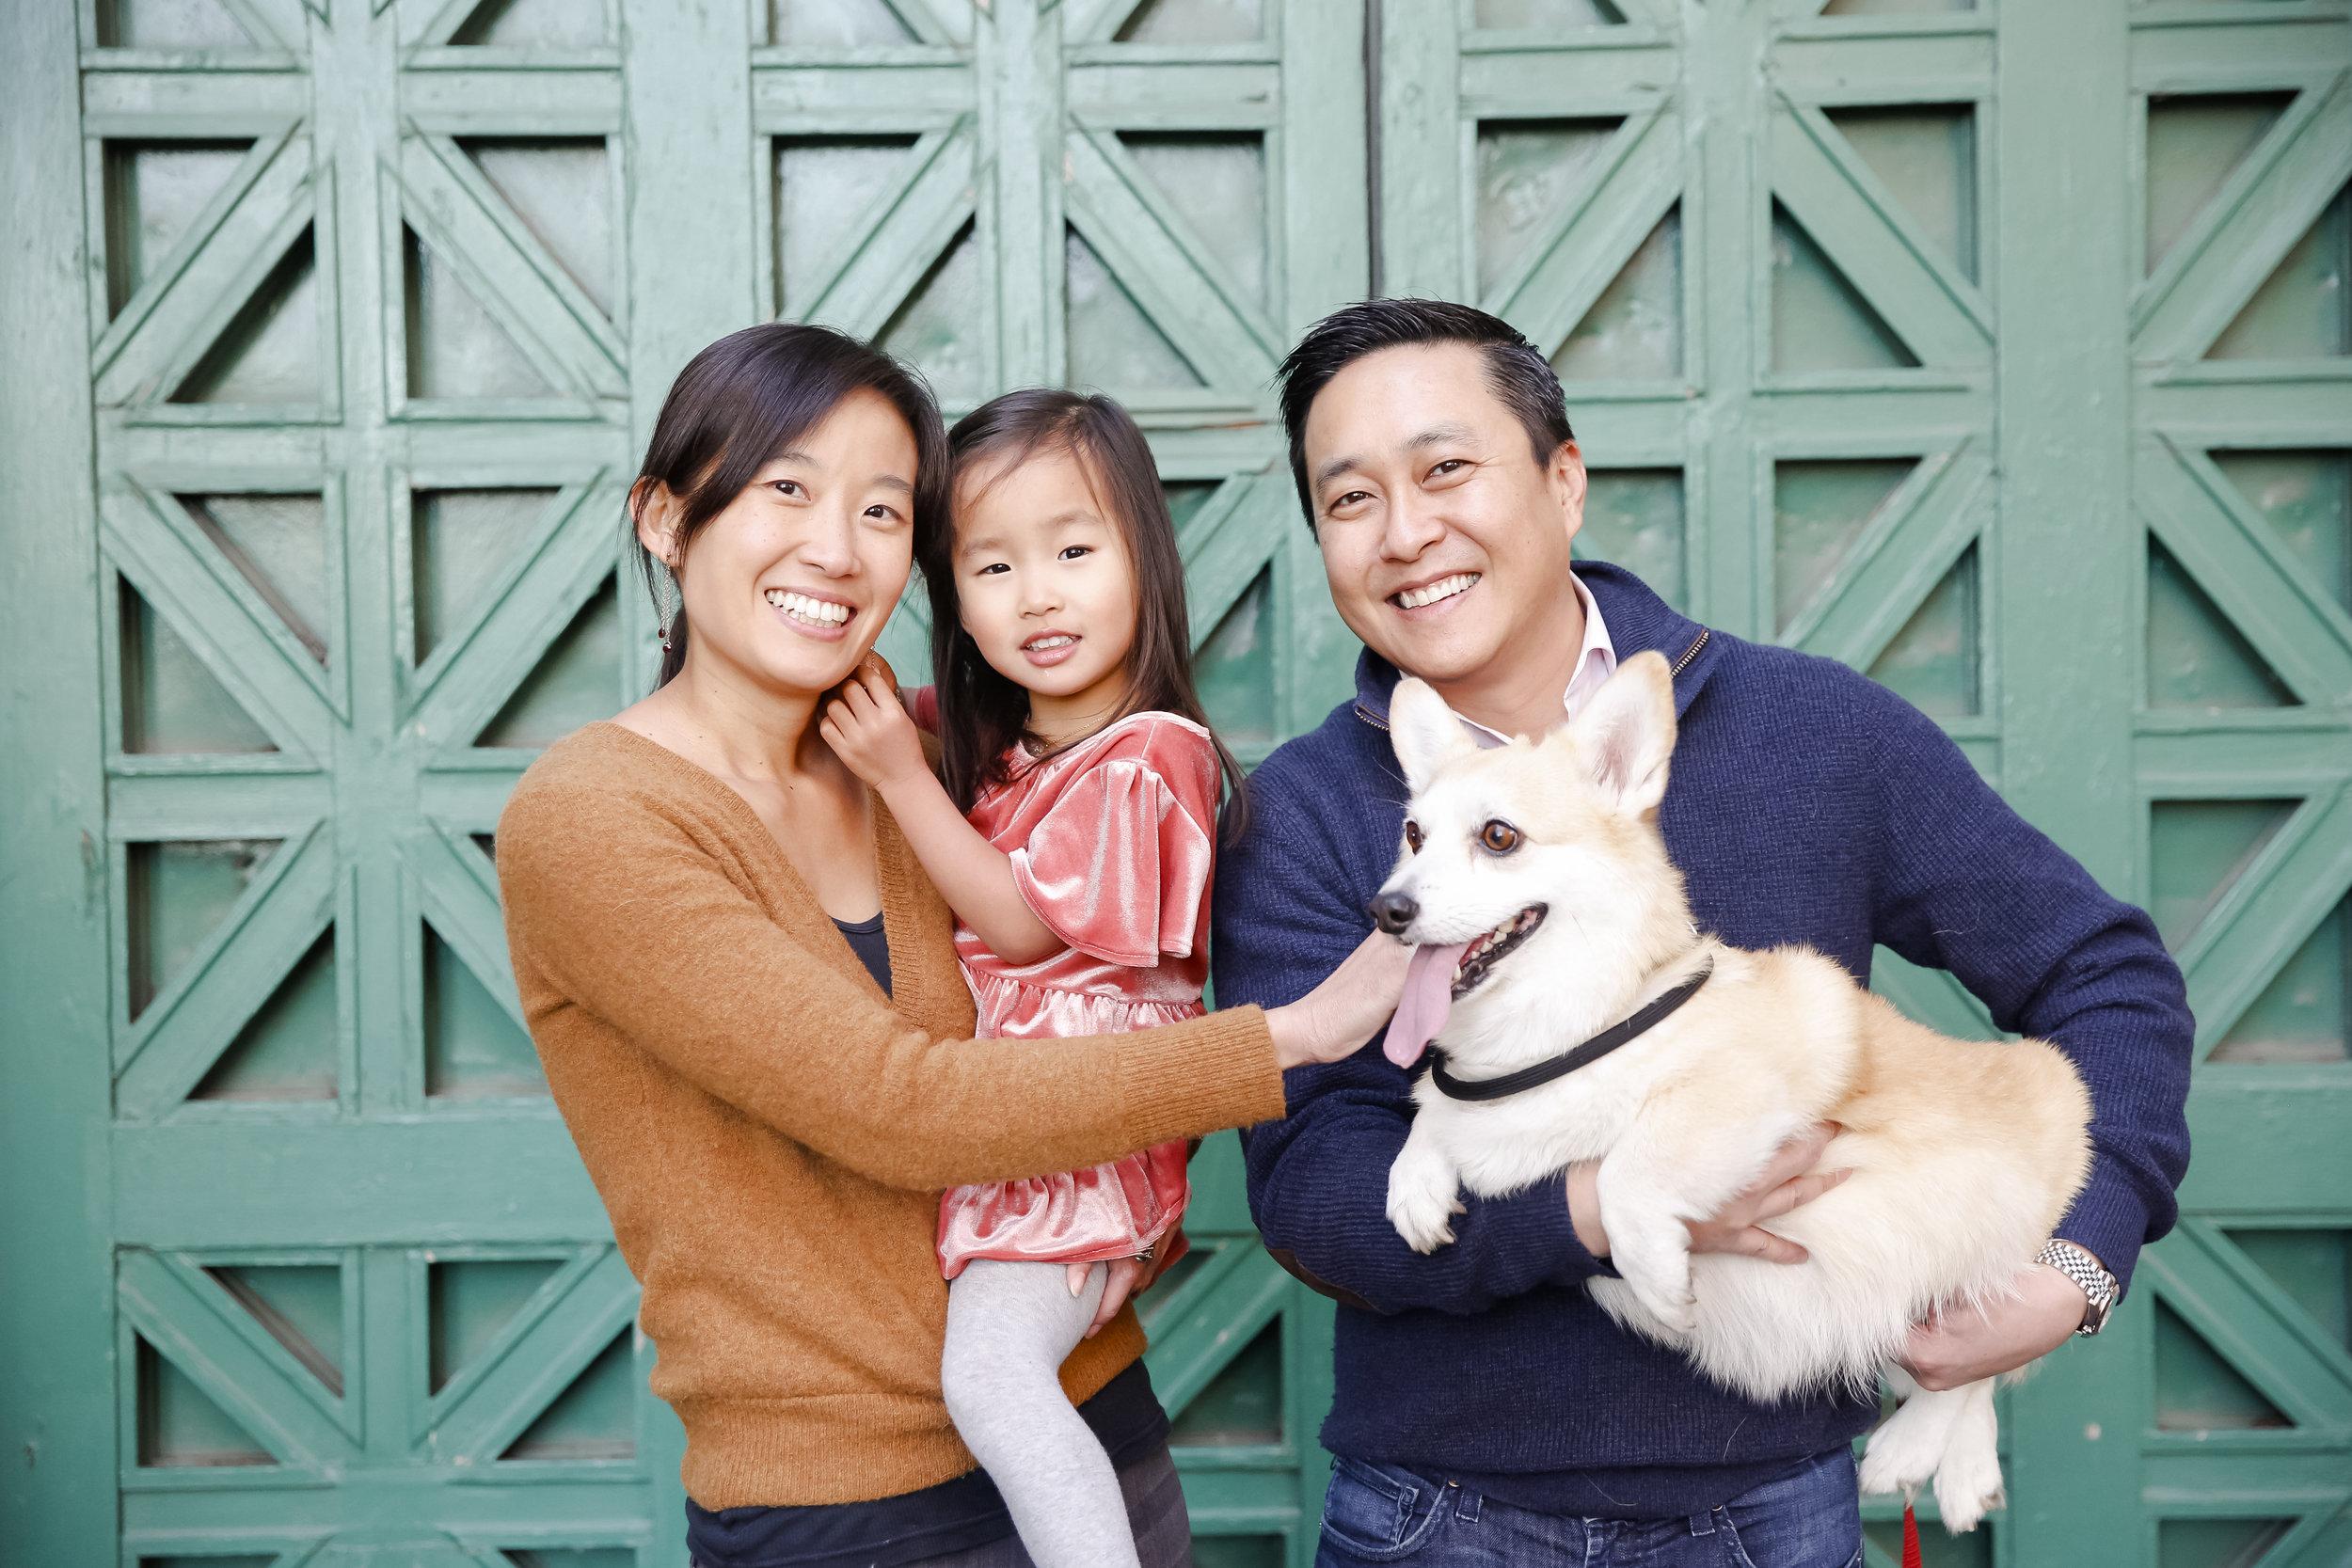 linfamily-ahp-00168.jpg